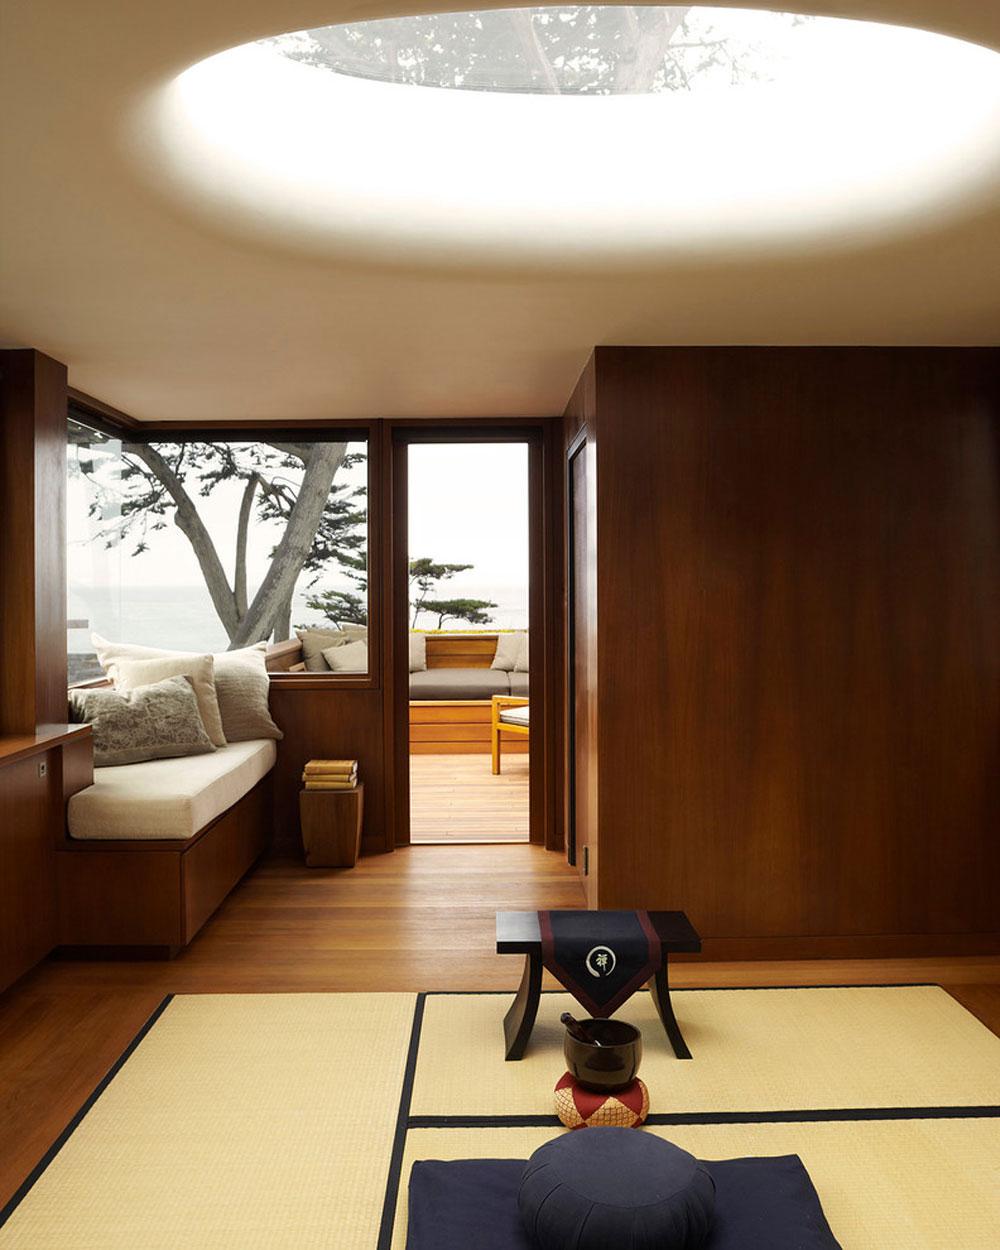 asian family room creating a zen interior design